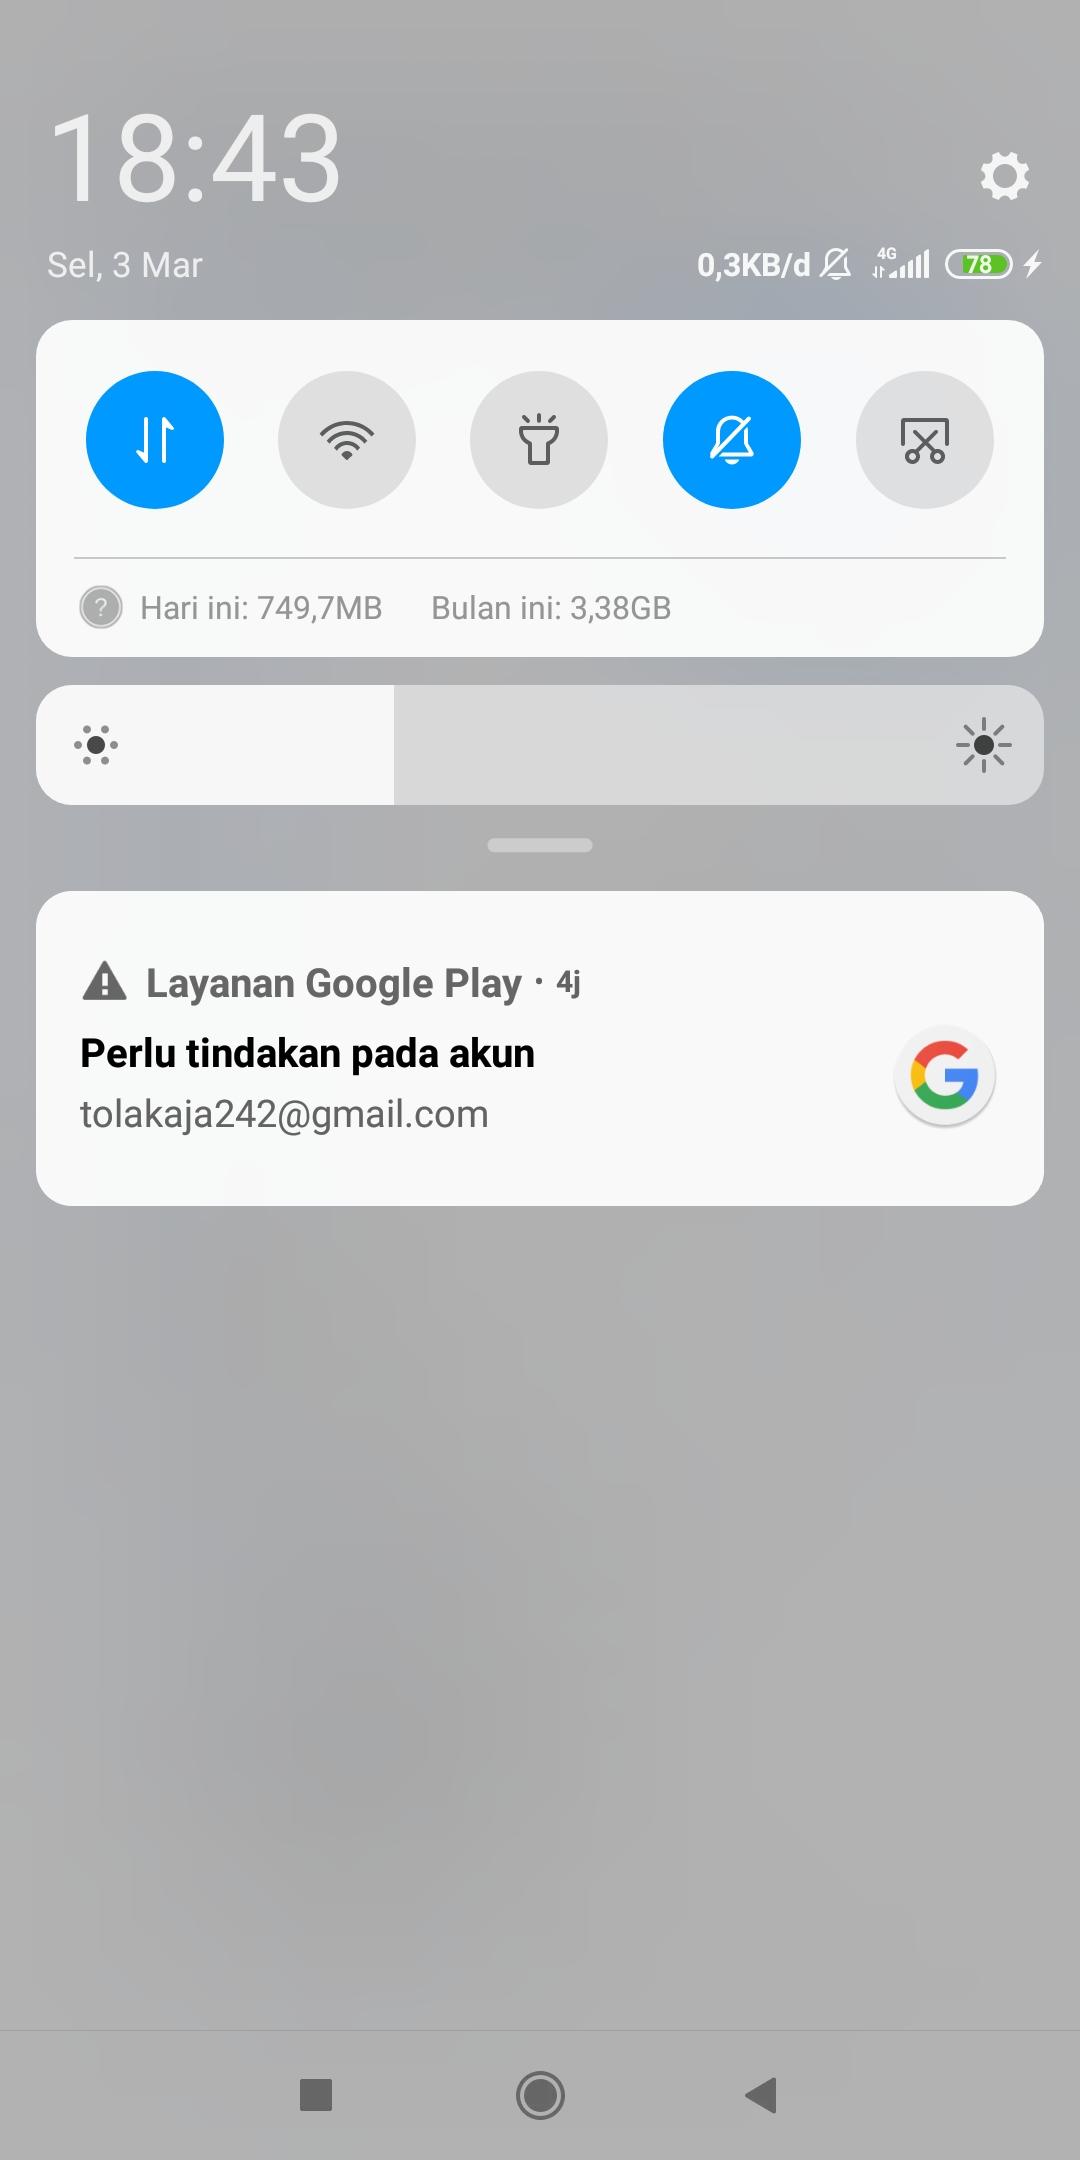 Tidak Bisa Login Ke Akun Google Saya Karena Masalah Perlindungan Lanjutan Komunitas Akun Google